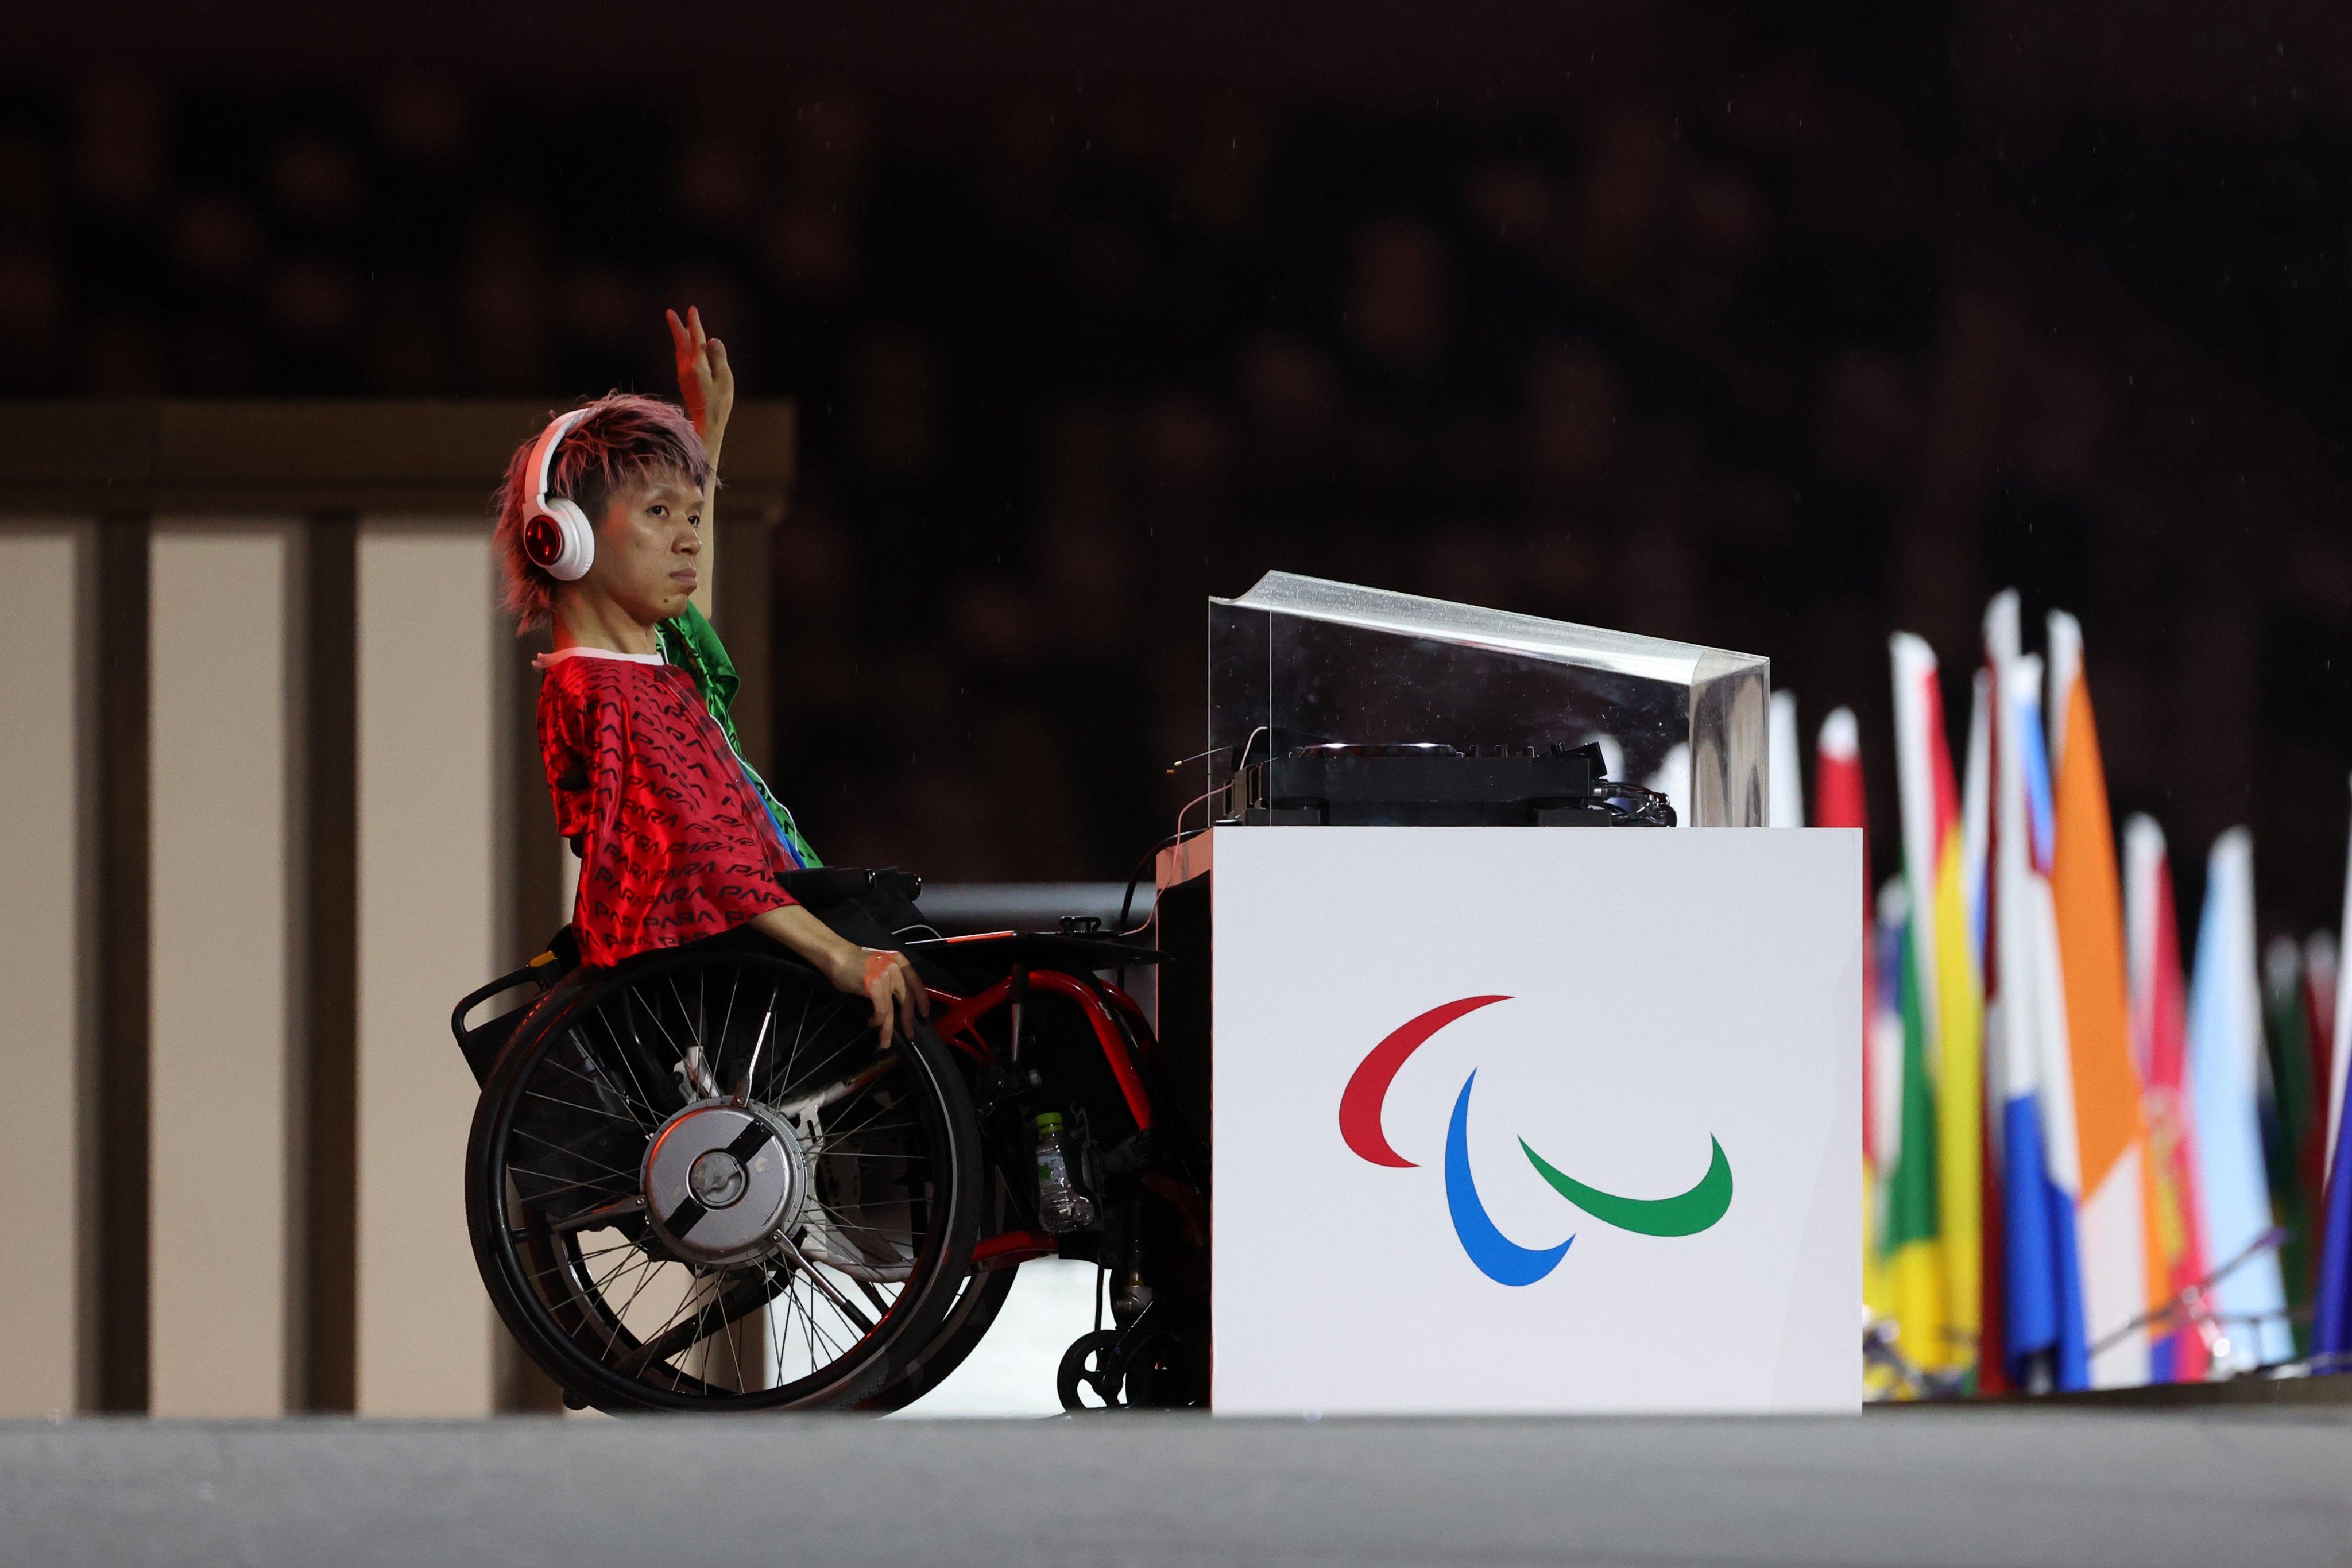 El dj Keita Tokunaga en la ceremonia inaugural. Aparece en su silla de ruedas y tiene a su lado su equipo de dj. Está levantando la mano para saludar.